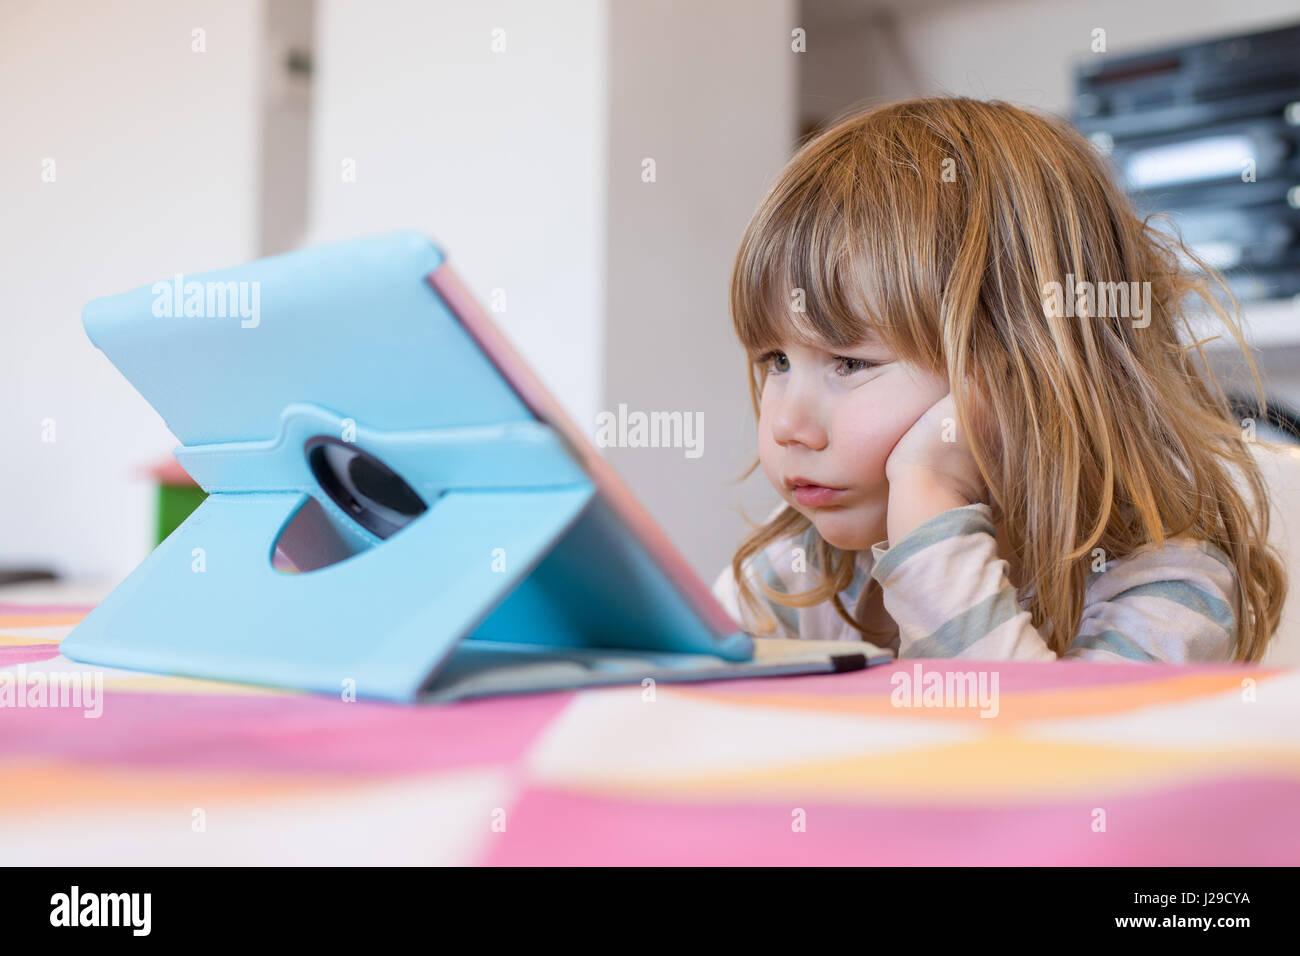 Visage répugnant expression de trois ans blonde enfant assis à l'intérieur, avec la tête Photo Stock